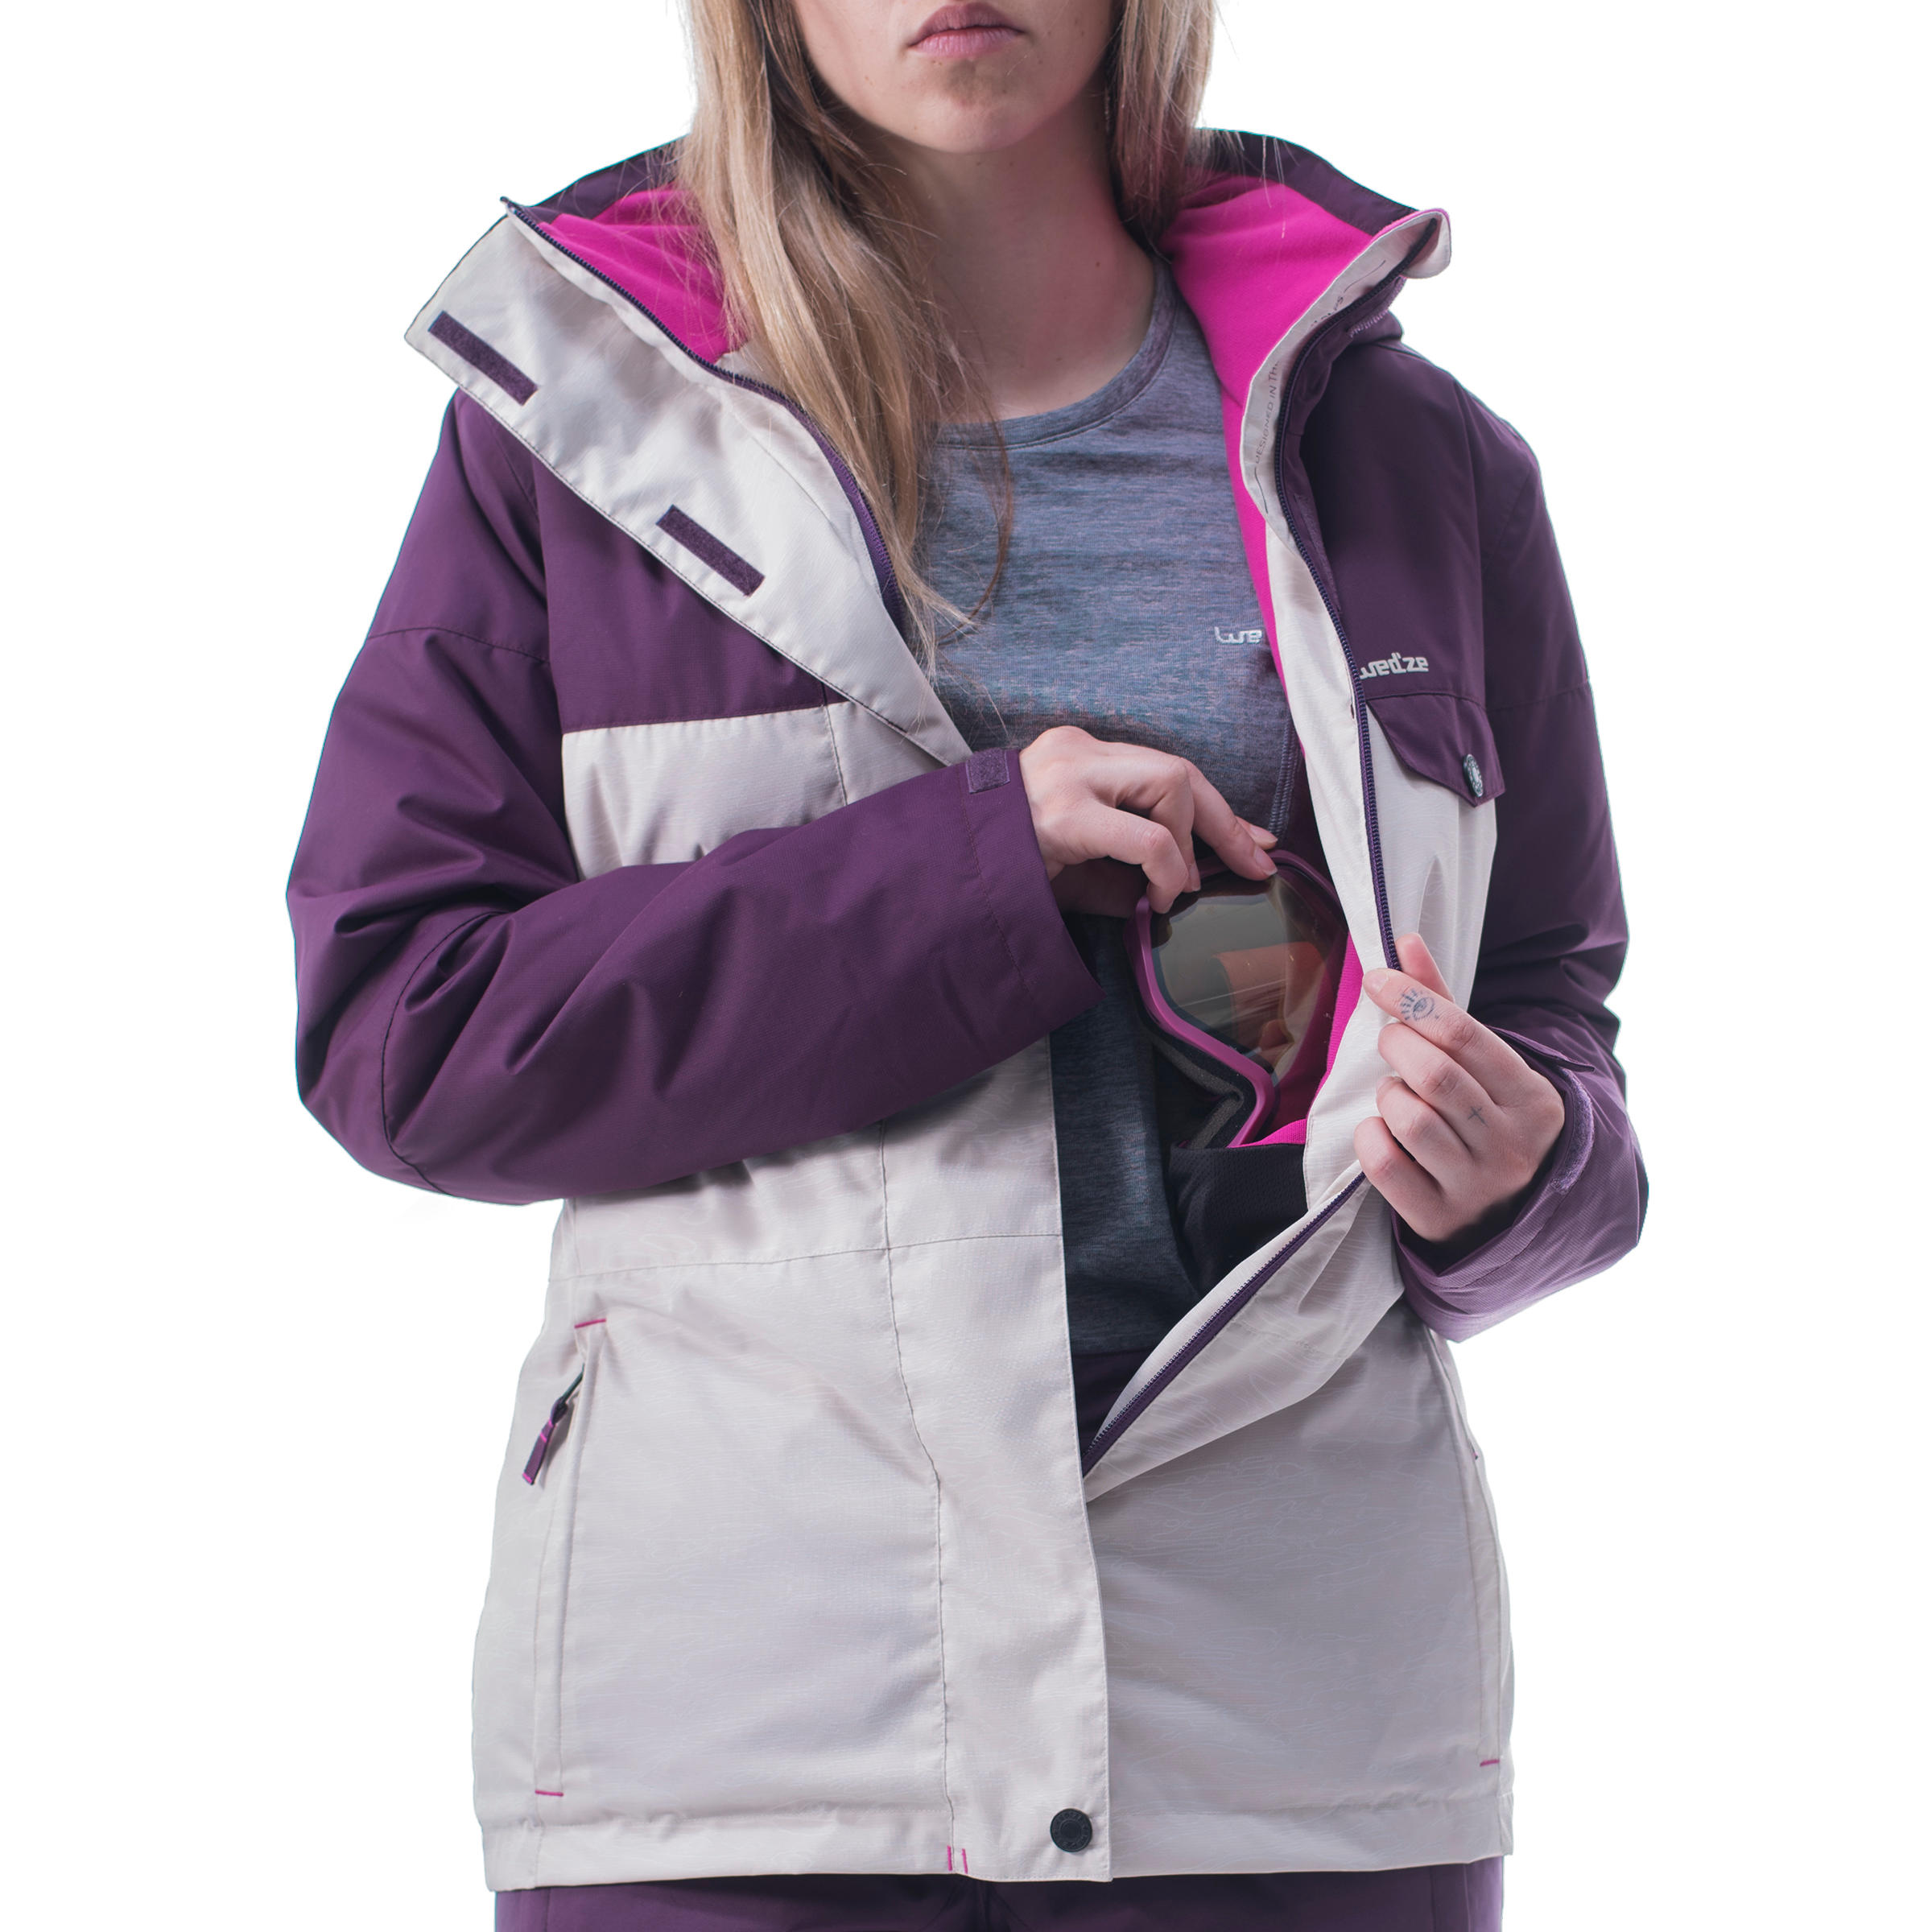 2cdf2ebb06e manteau-de-planche-a-neige-et-de-ski-femme-snb-jkt-100-beige-et-prune.jpg